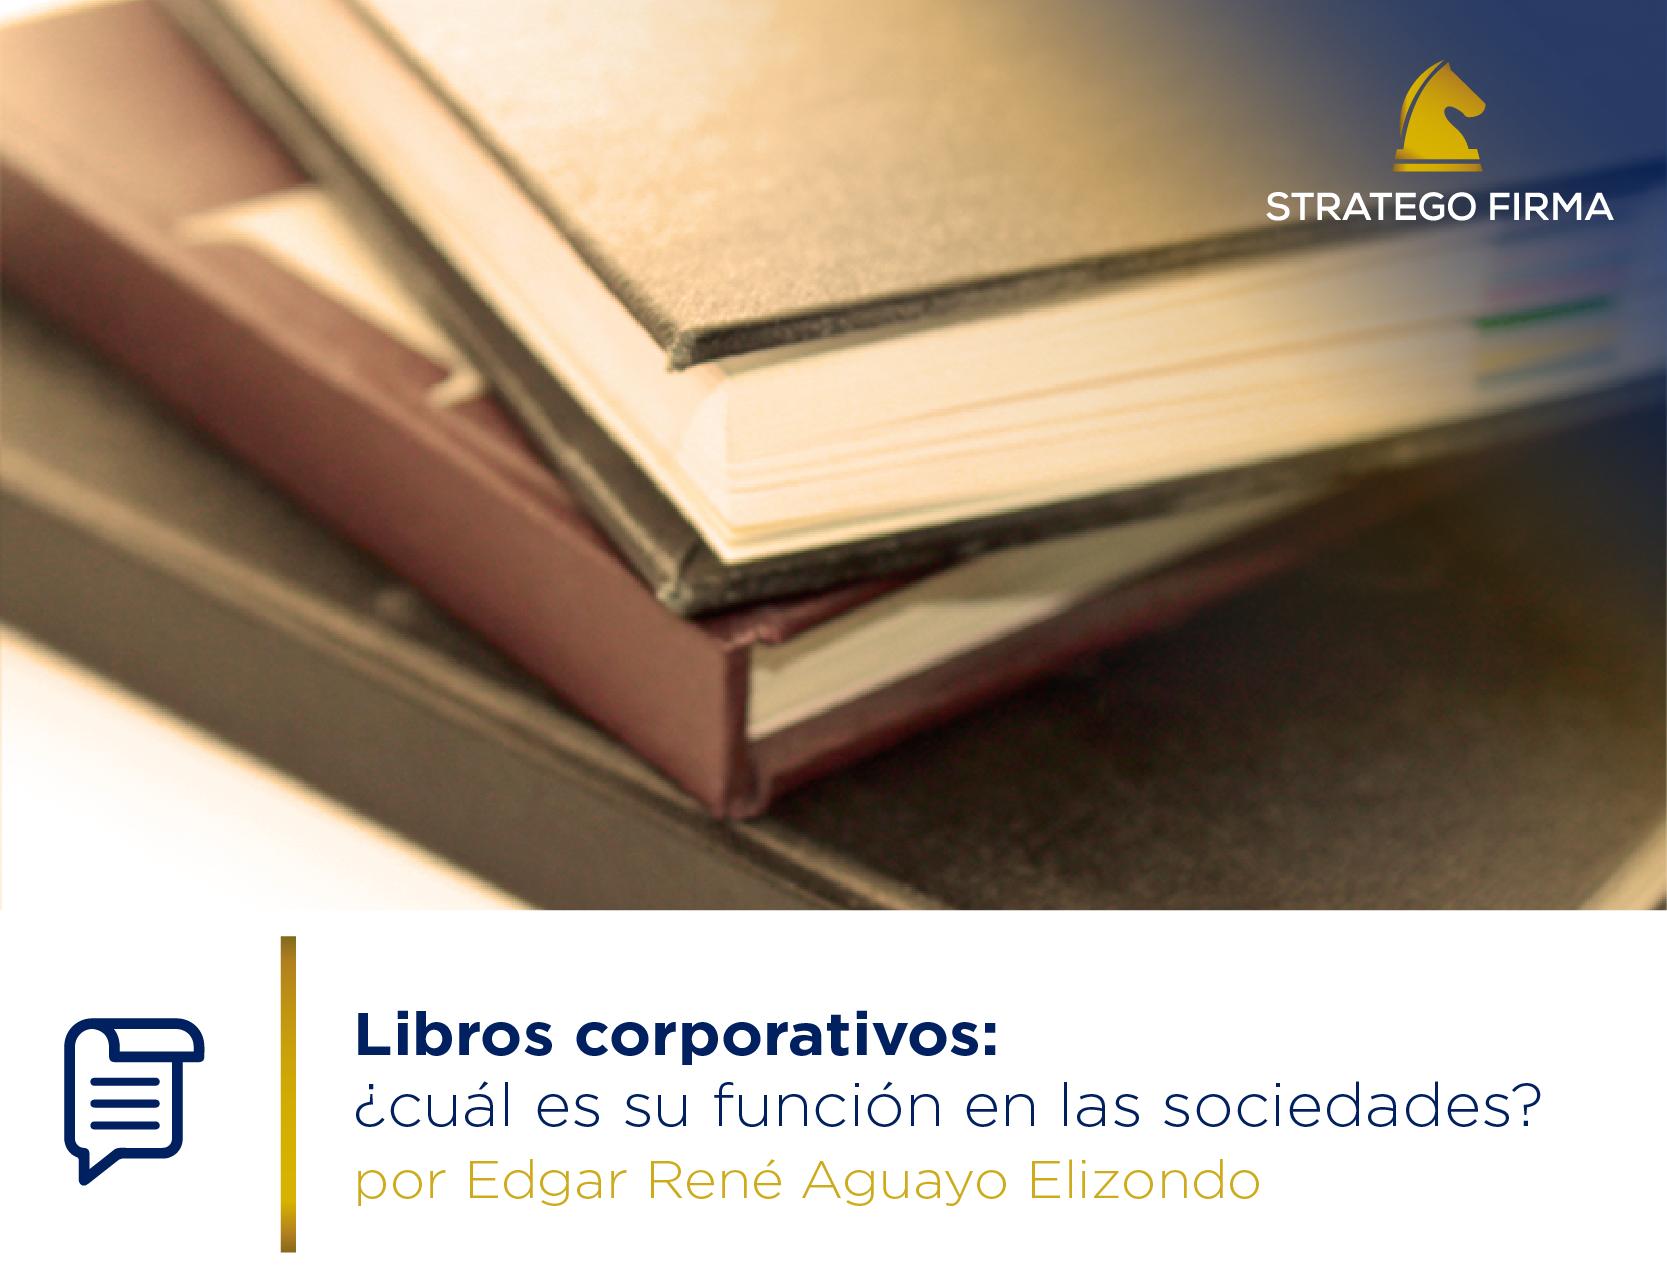 Libros corporativos